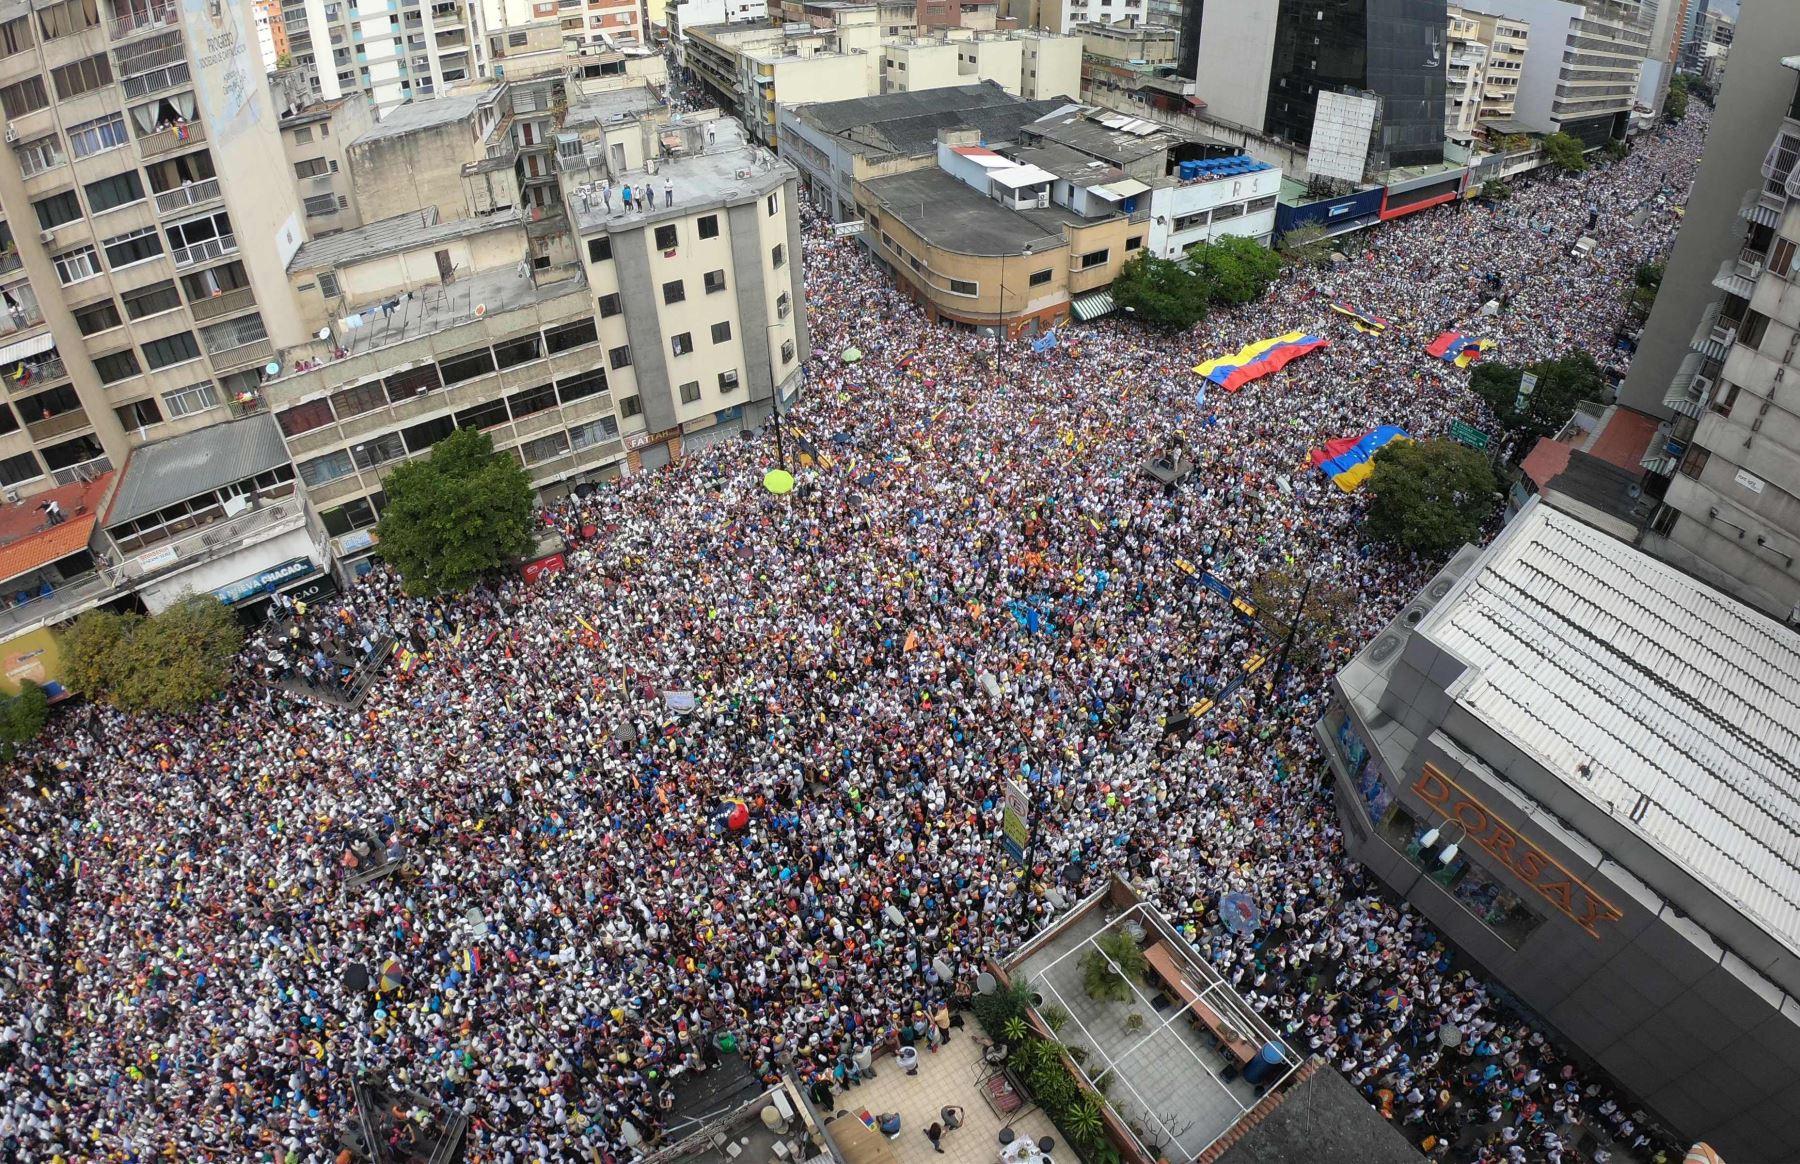 Vista panorámica de los partidarios del líder opositor venezolano y autodeclarado presidente Juan Guaido durante el mitin del día de hoy  Foto: AFP